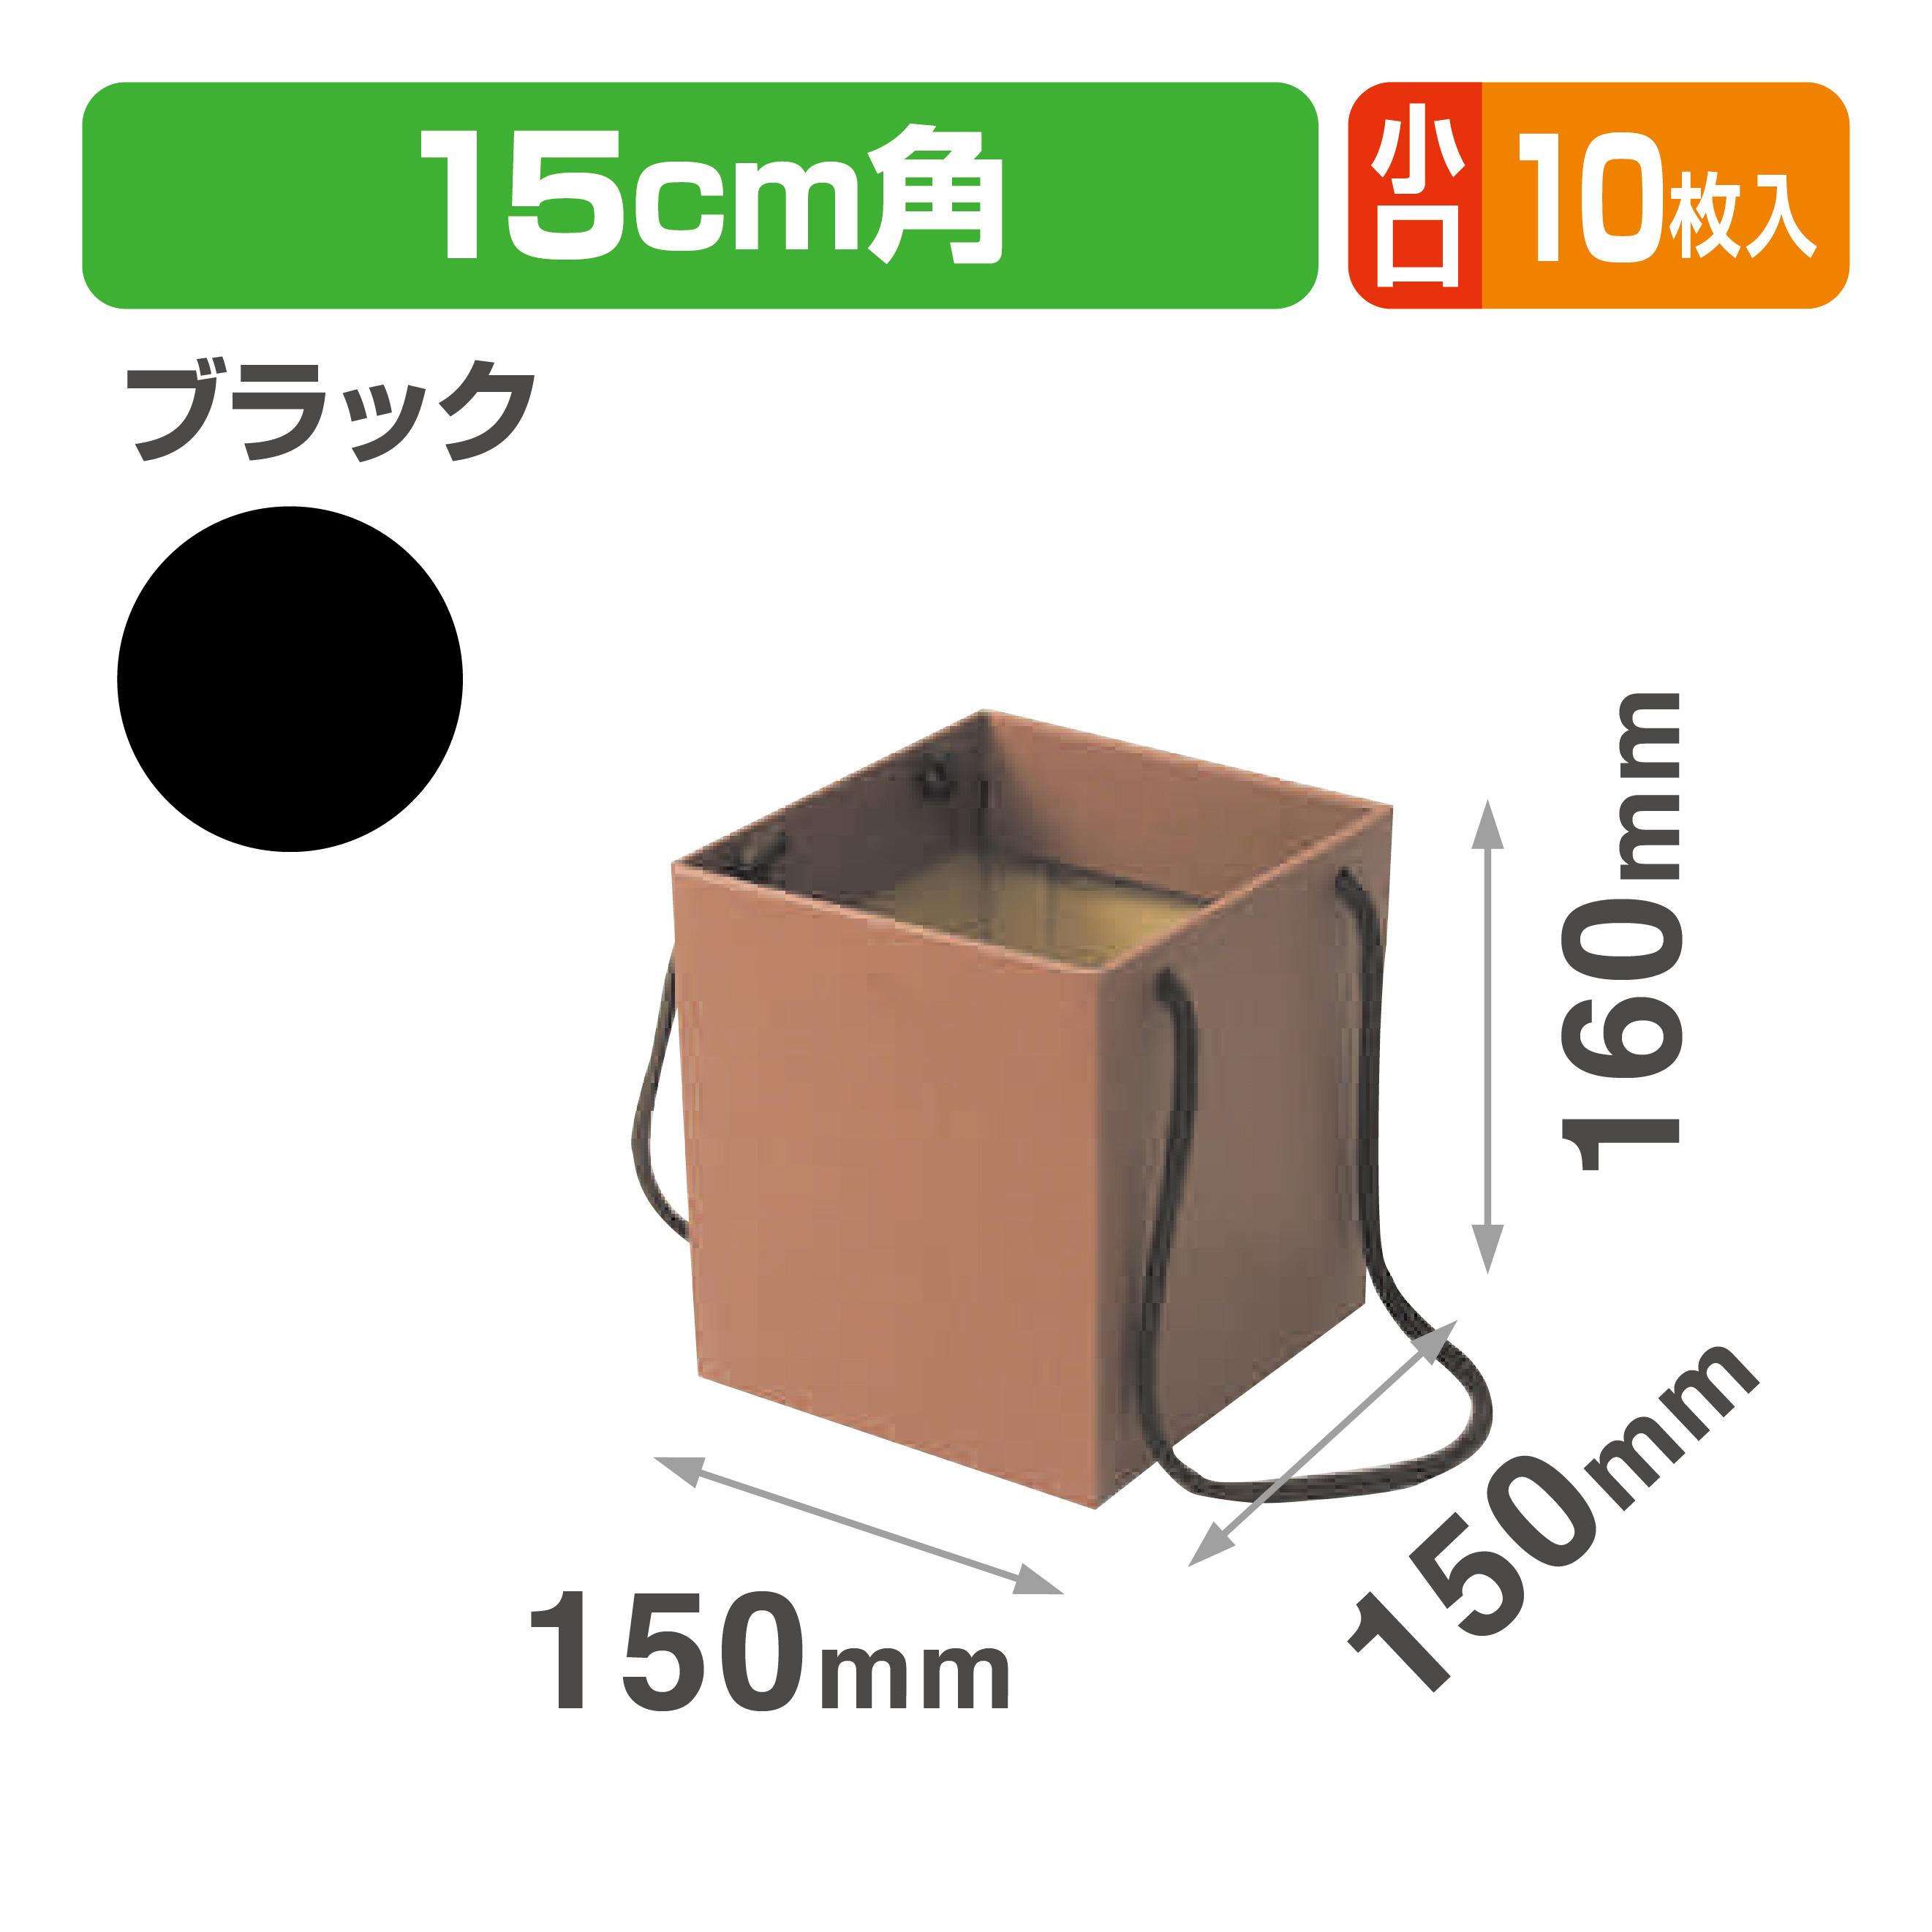 ミニブーケキャリー150(ブラック) 小口